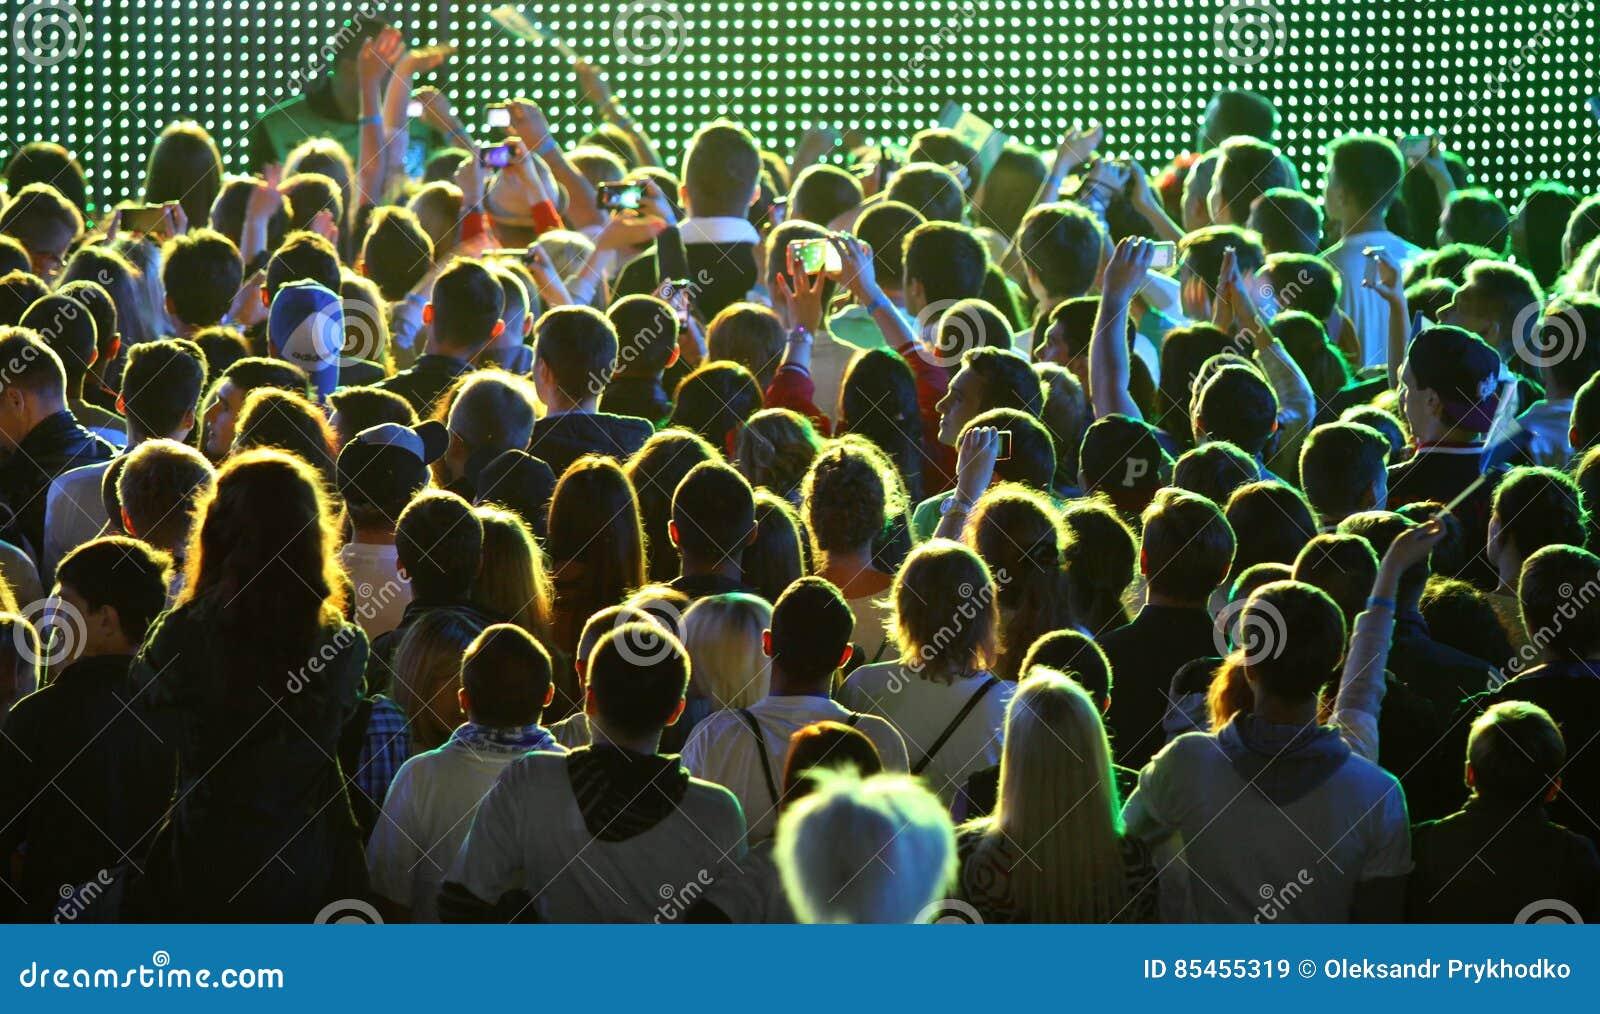 人们在体育场享受摇滚乐音乐会